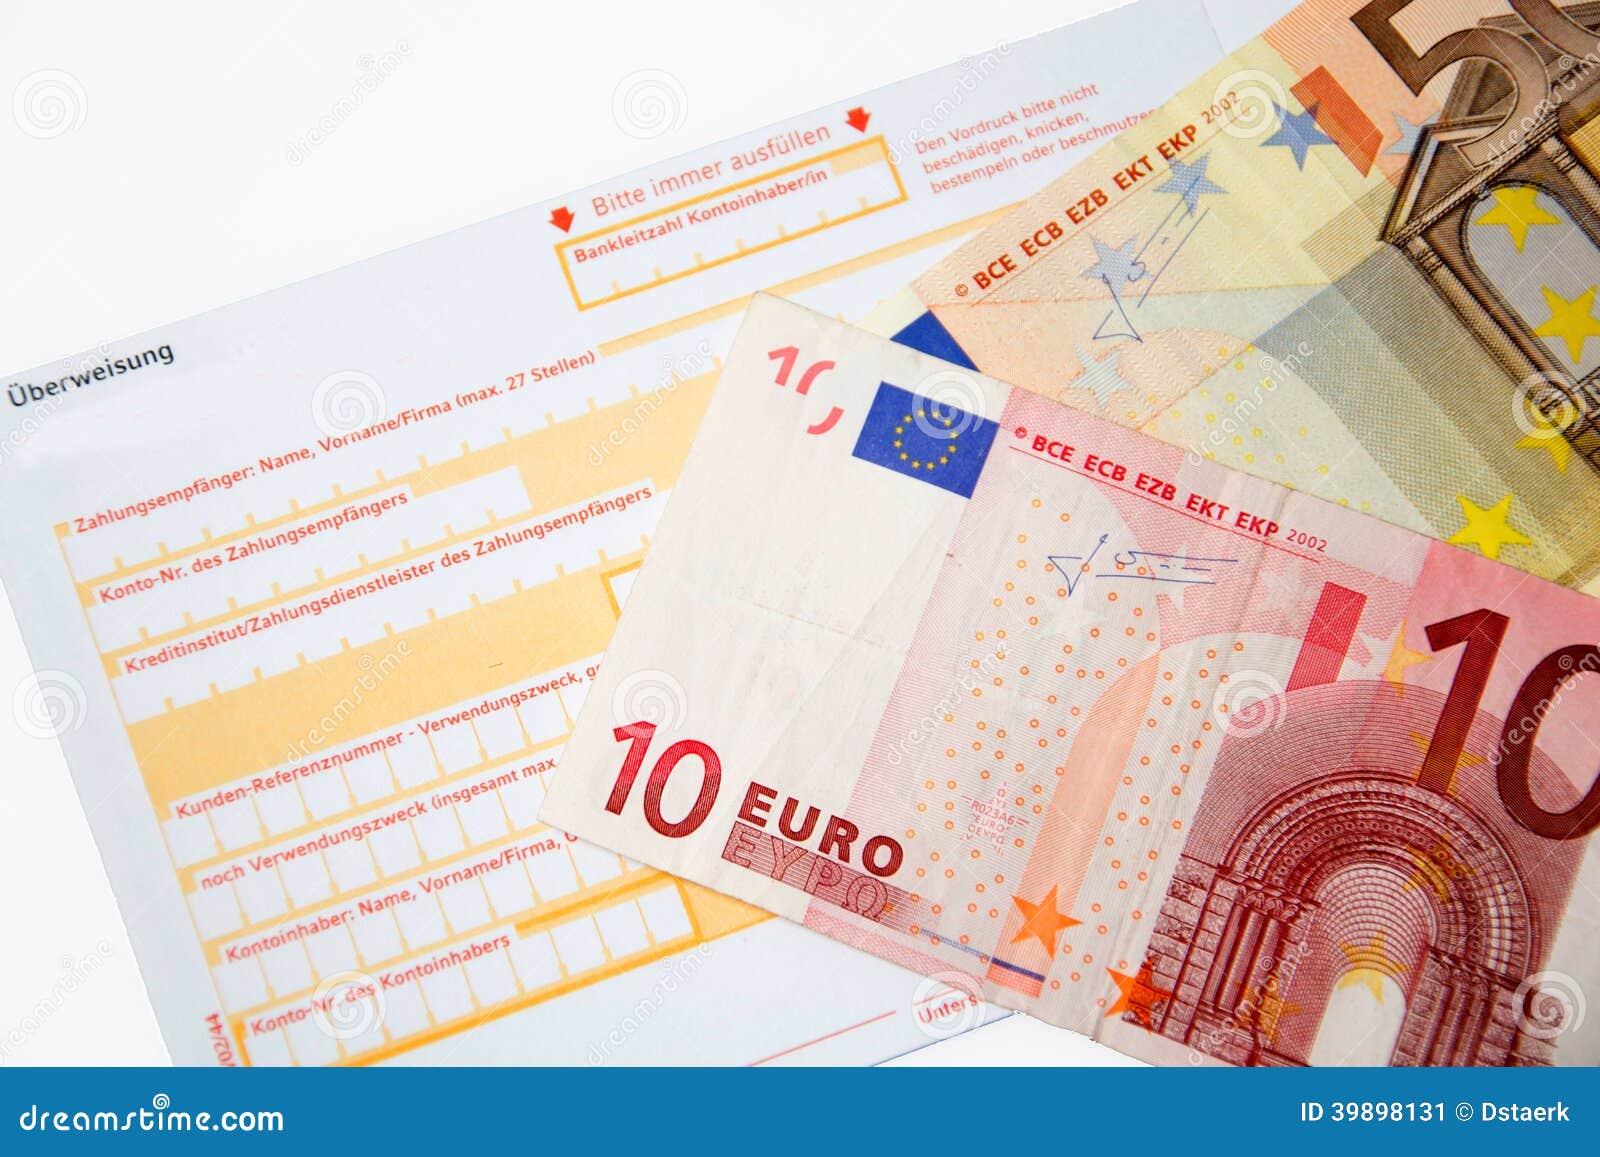 Charmant Banküberweisung Bilder - Elektrische Schaltplan-Ideen ...